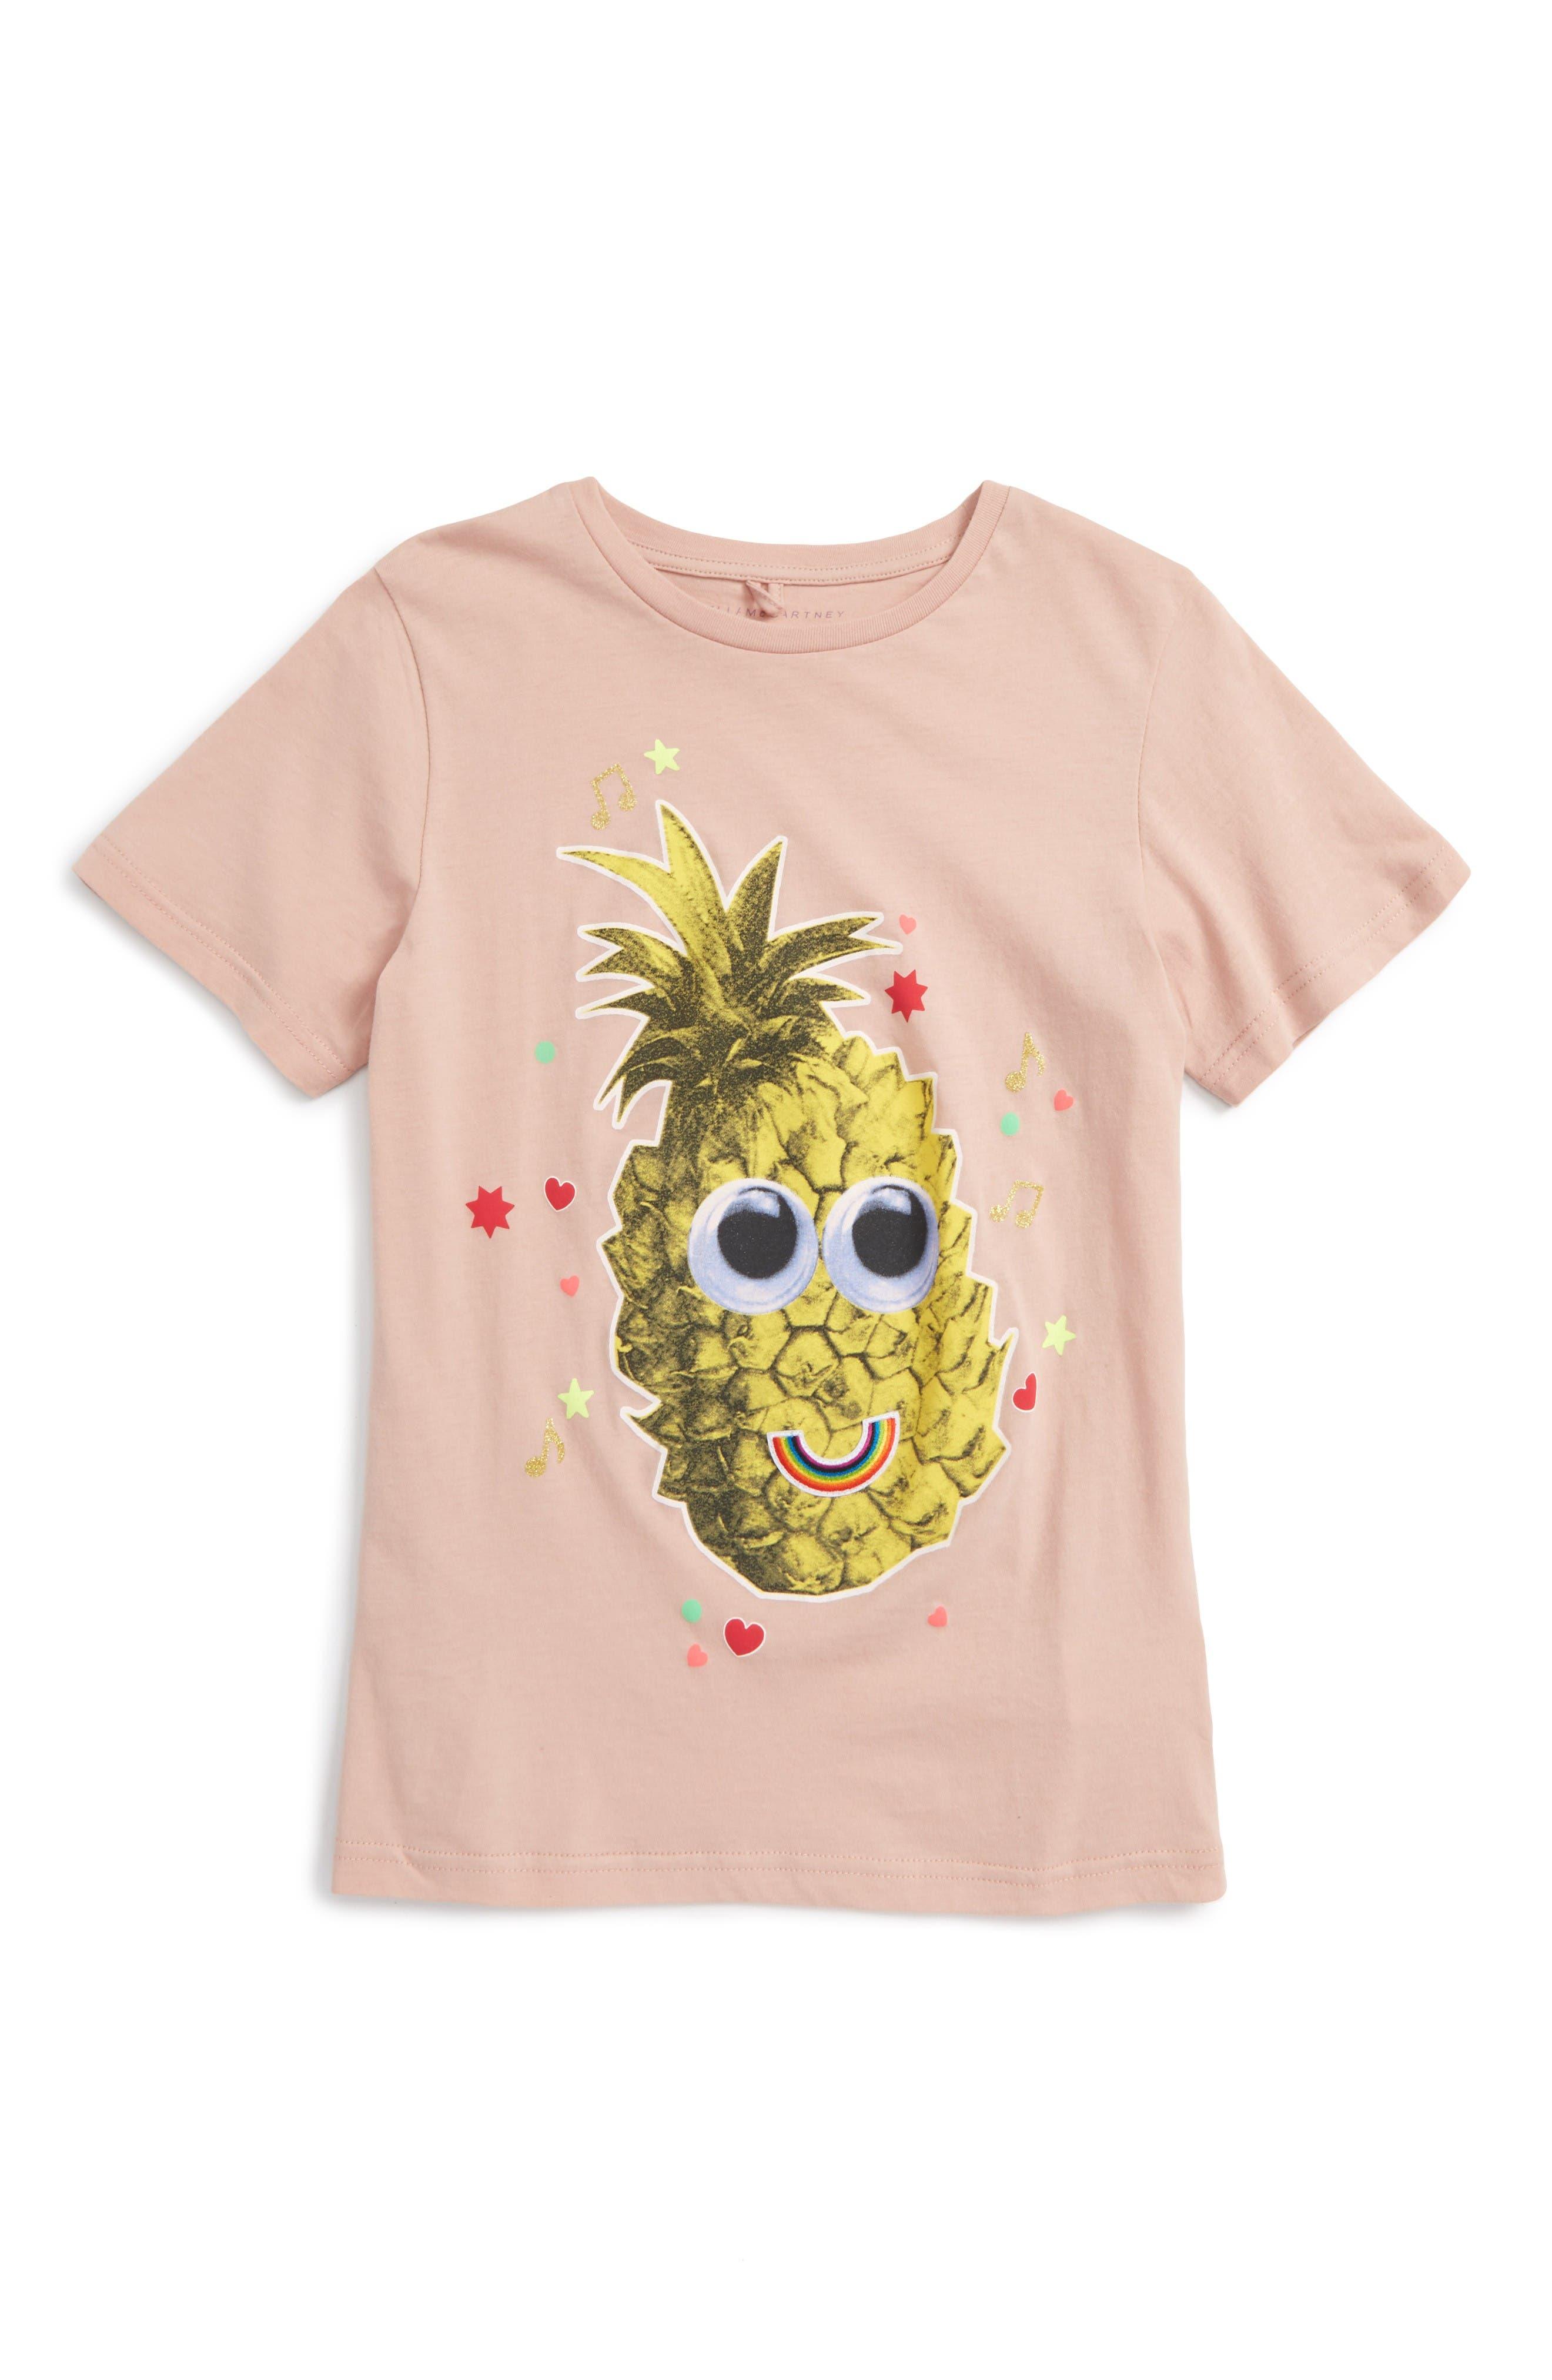 Stella McCartney Kids Arlow Pineapple Tee (Toddler Girls, Little Girls & Big Girls)